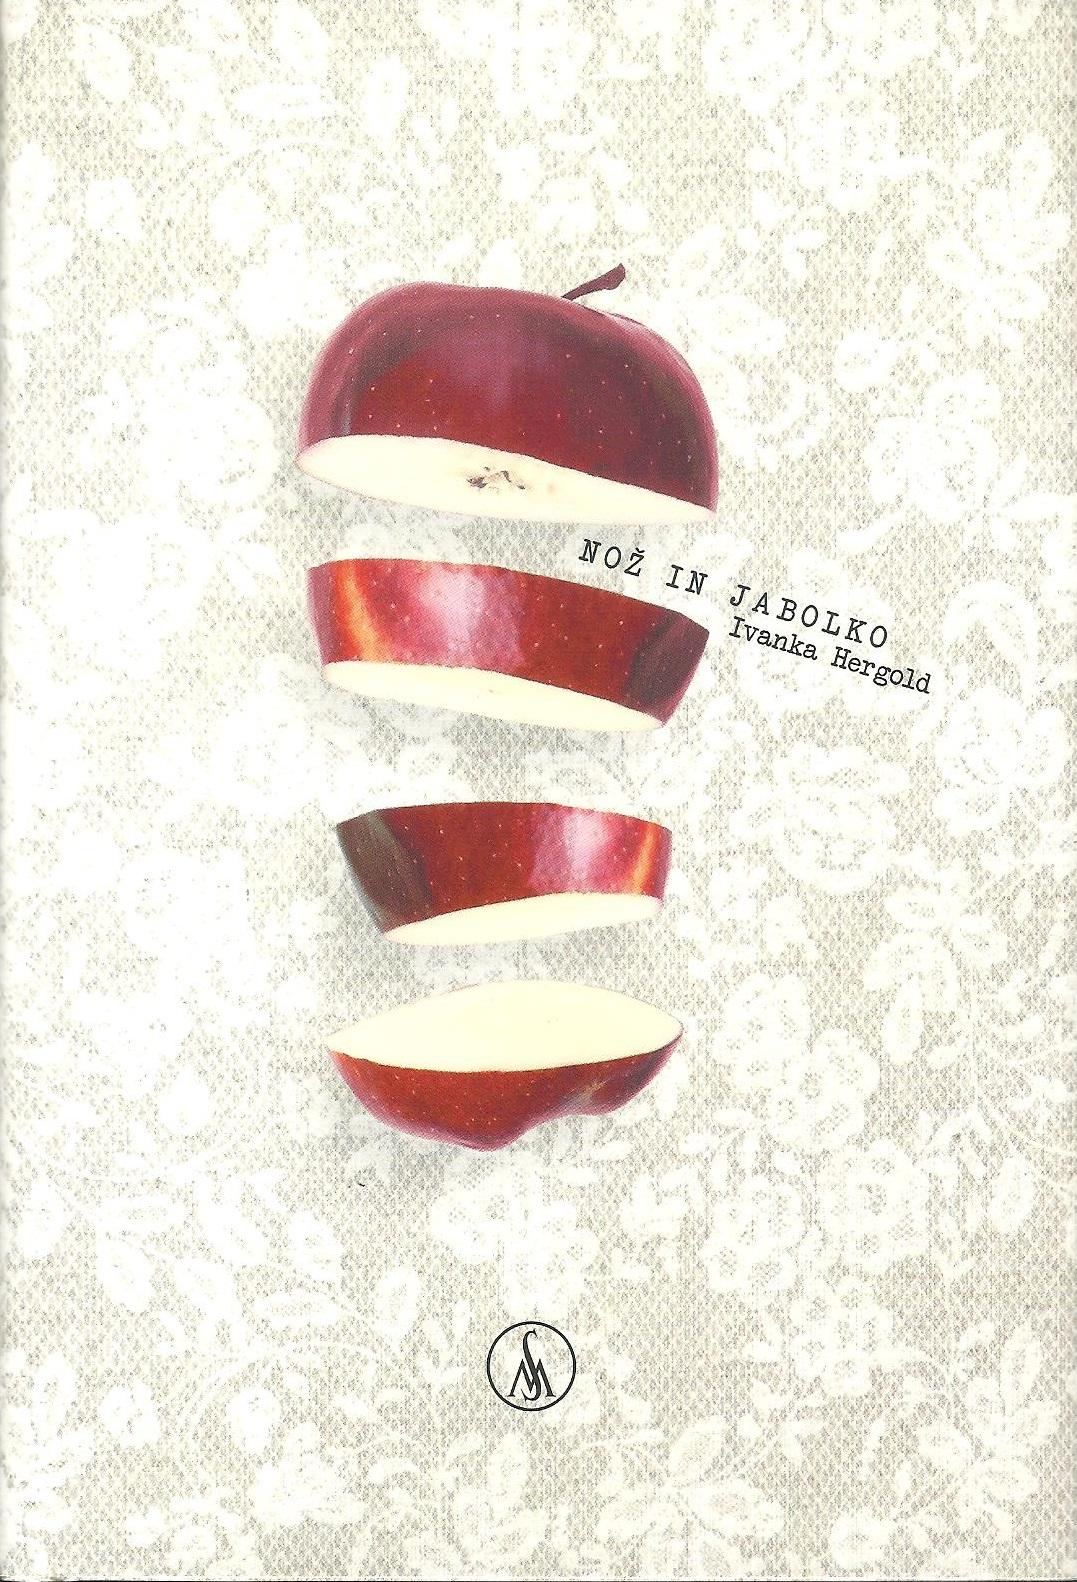 Literarno-pogovorni večer o slovenjgraški rojakinji Ivanki Hergold ter njenem romanu Nož in jabolko.